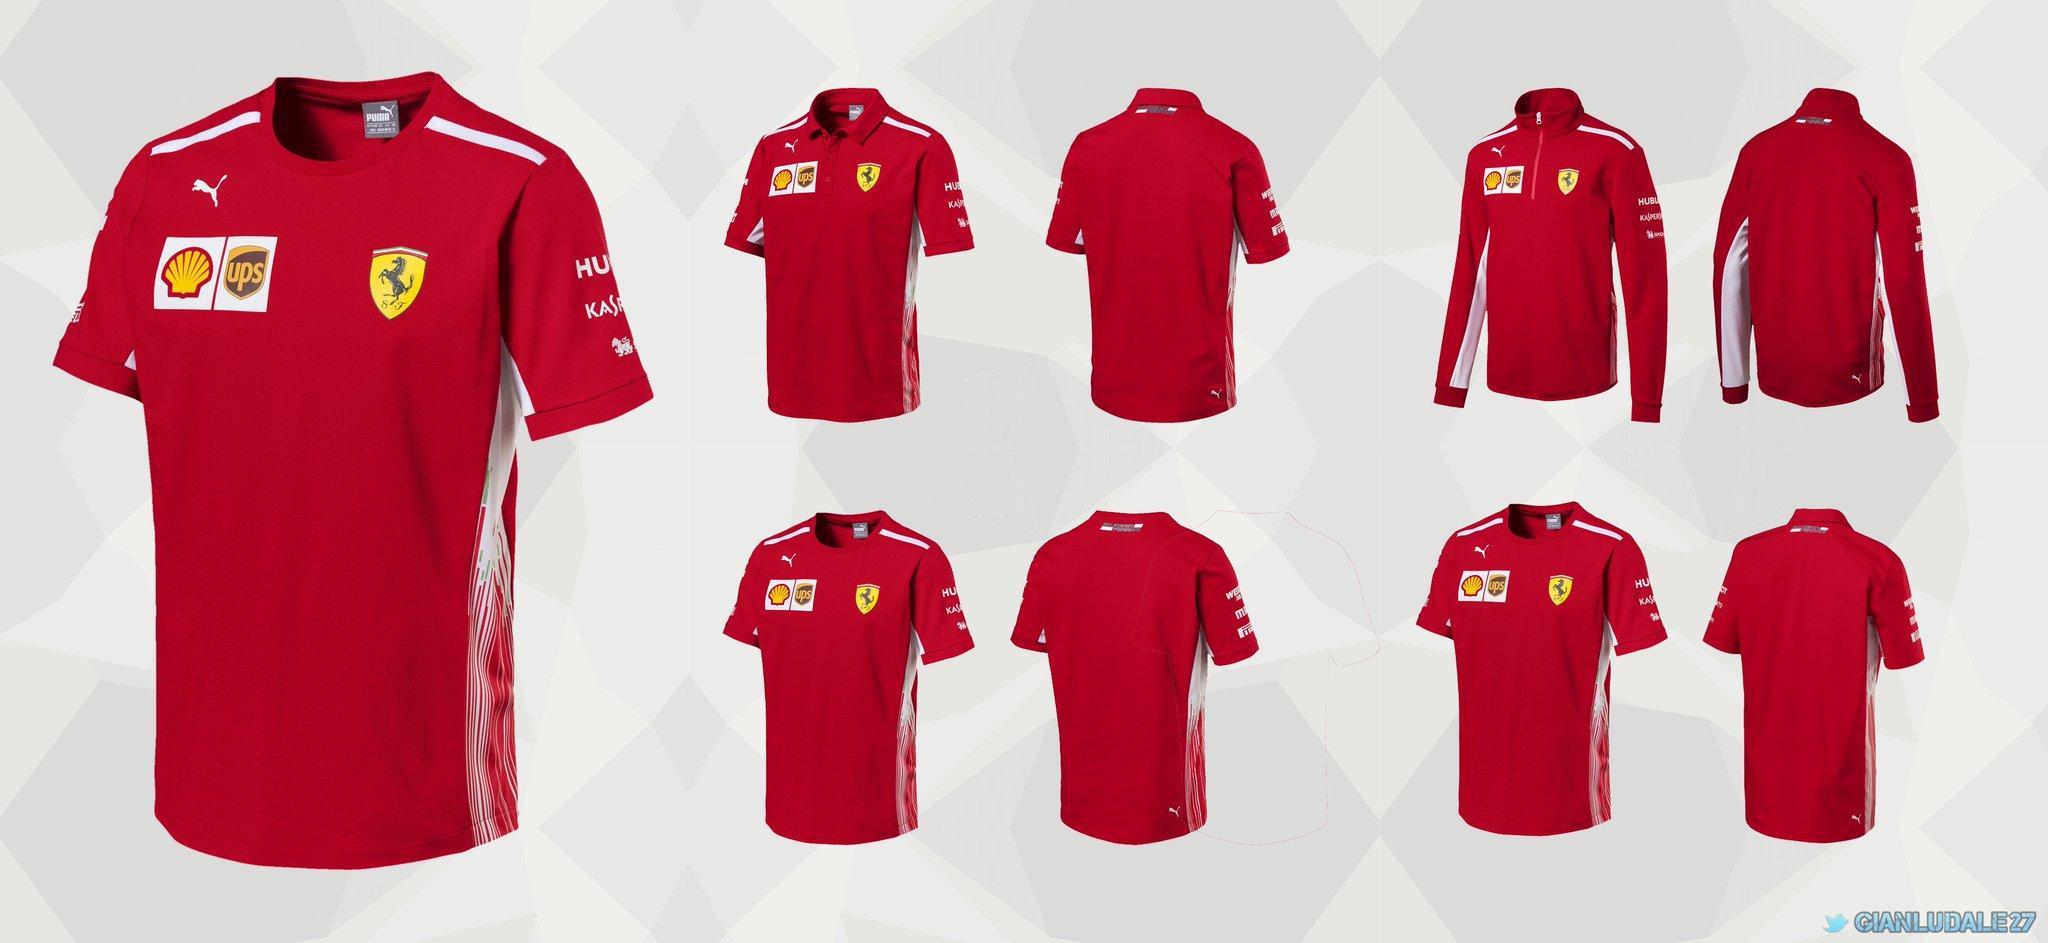 Scuderia Ferrari 2018 teamwear